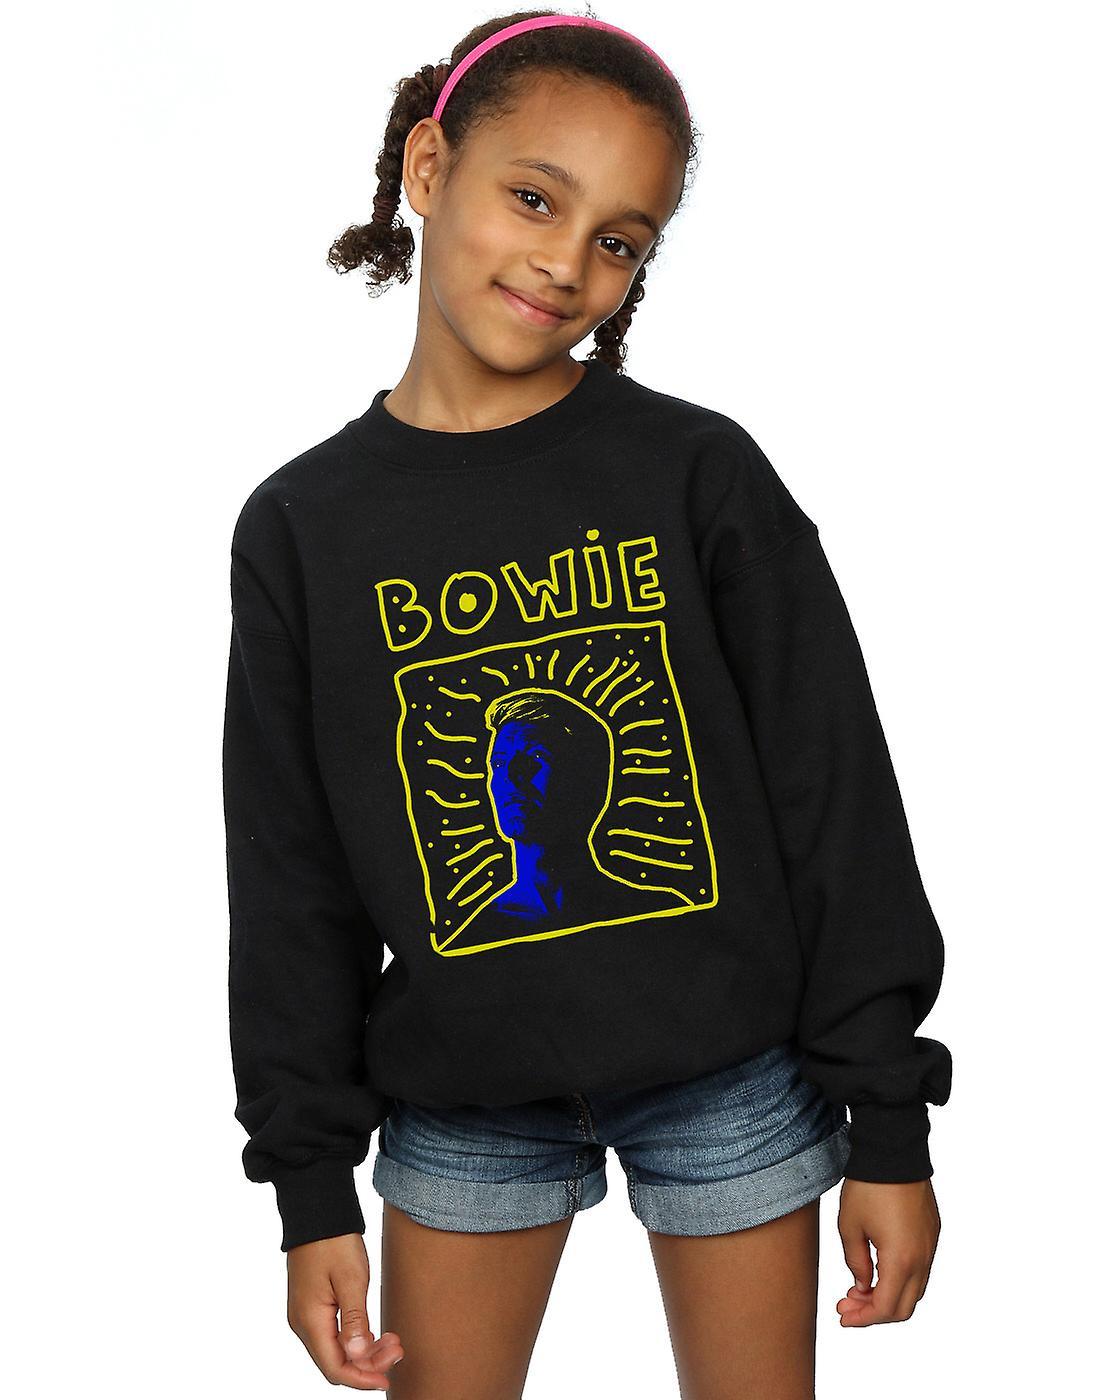 David Bowie Girls 90s Frame Sweatshirt